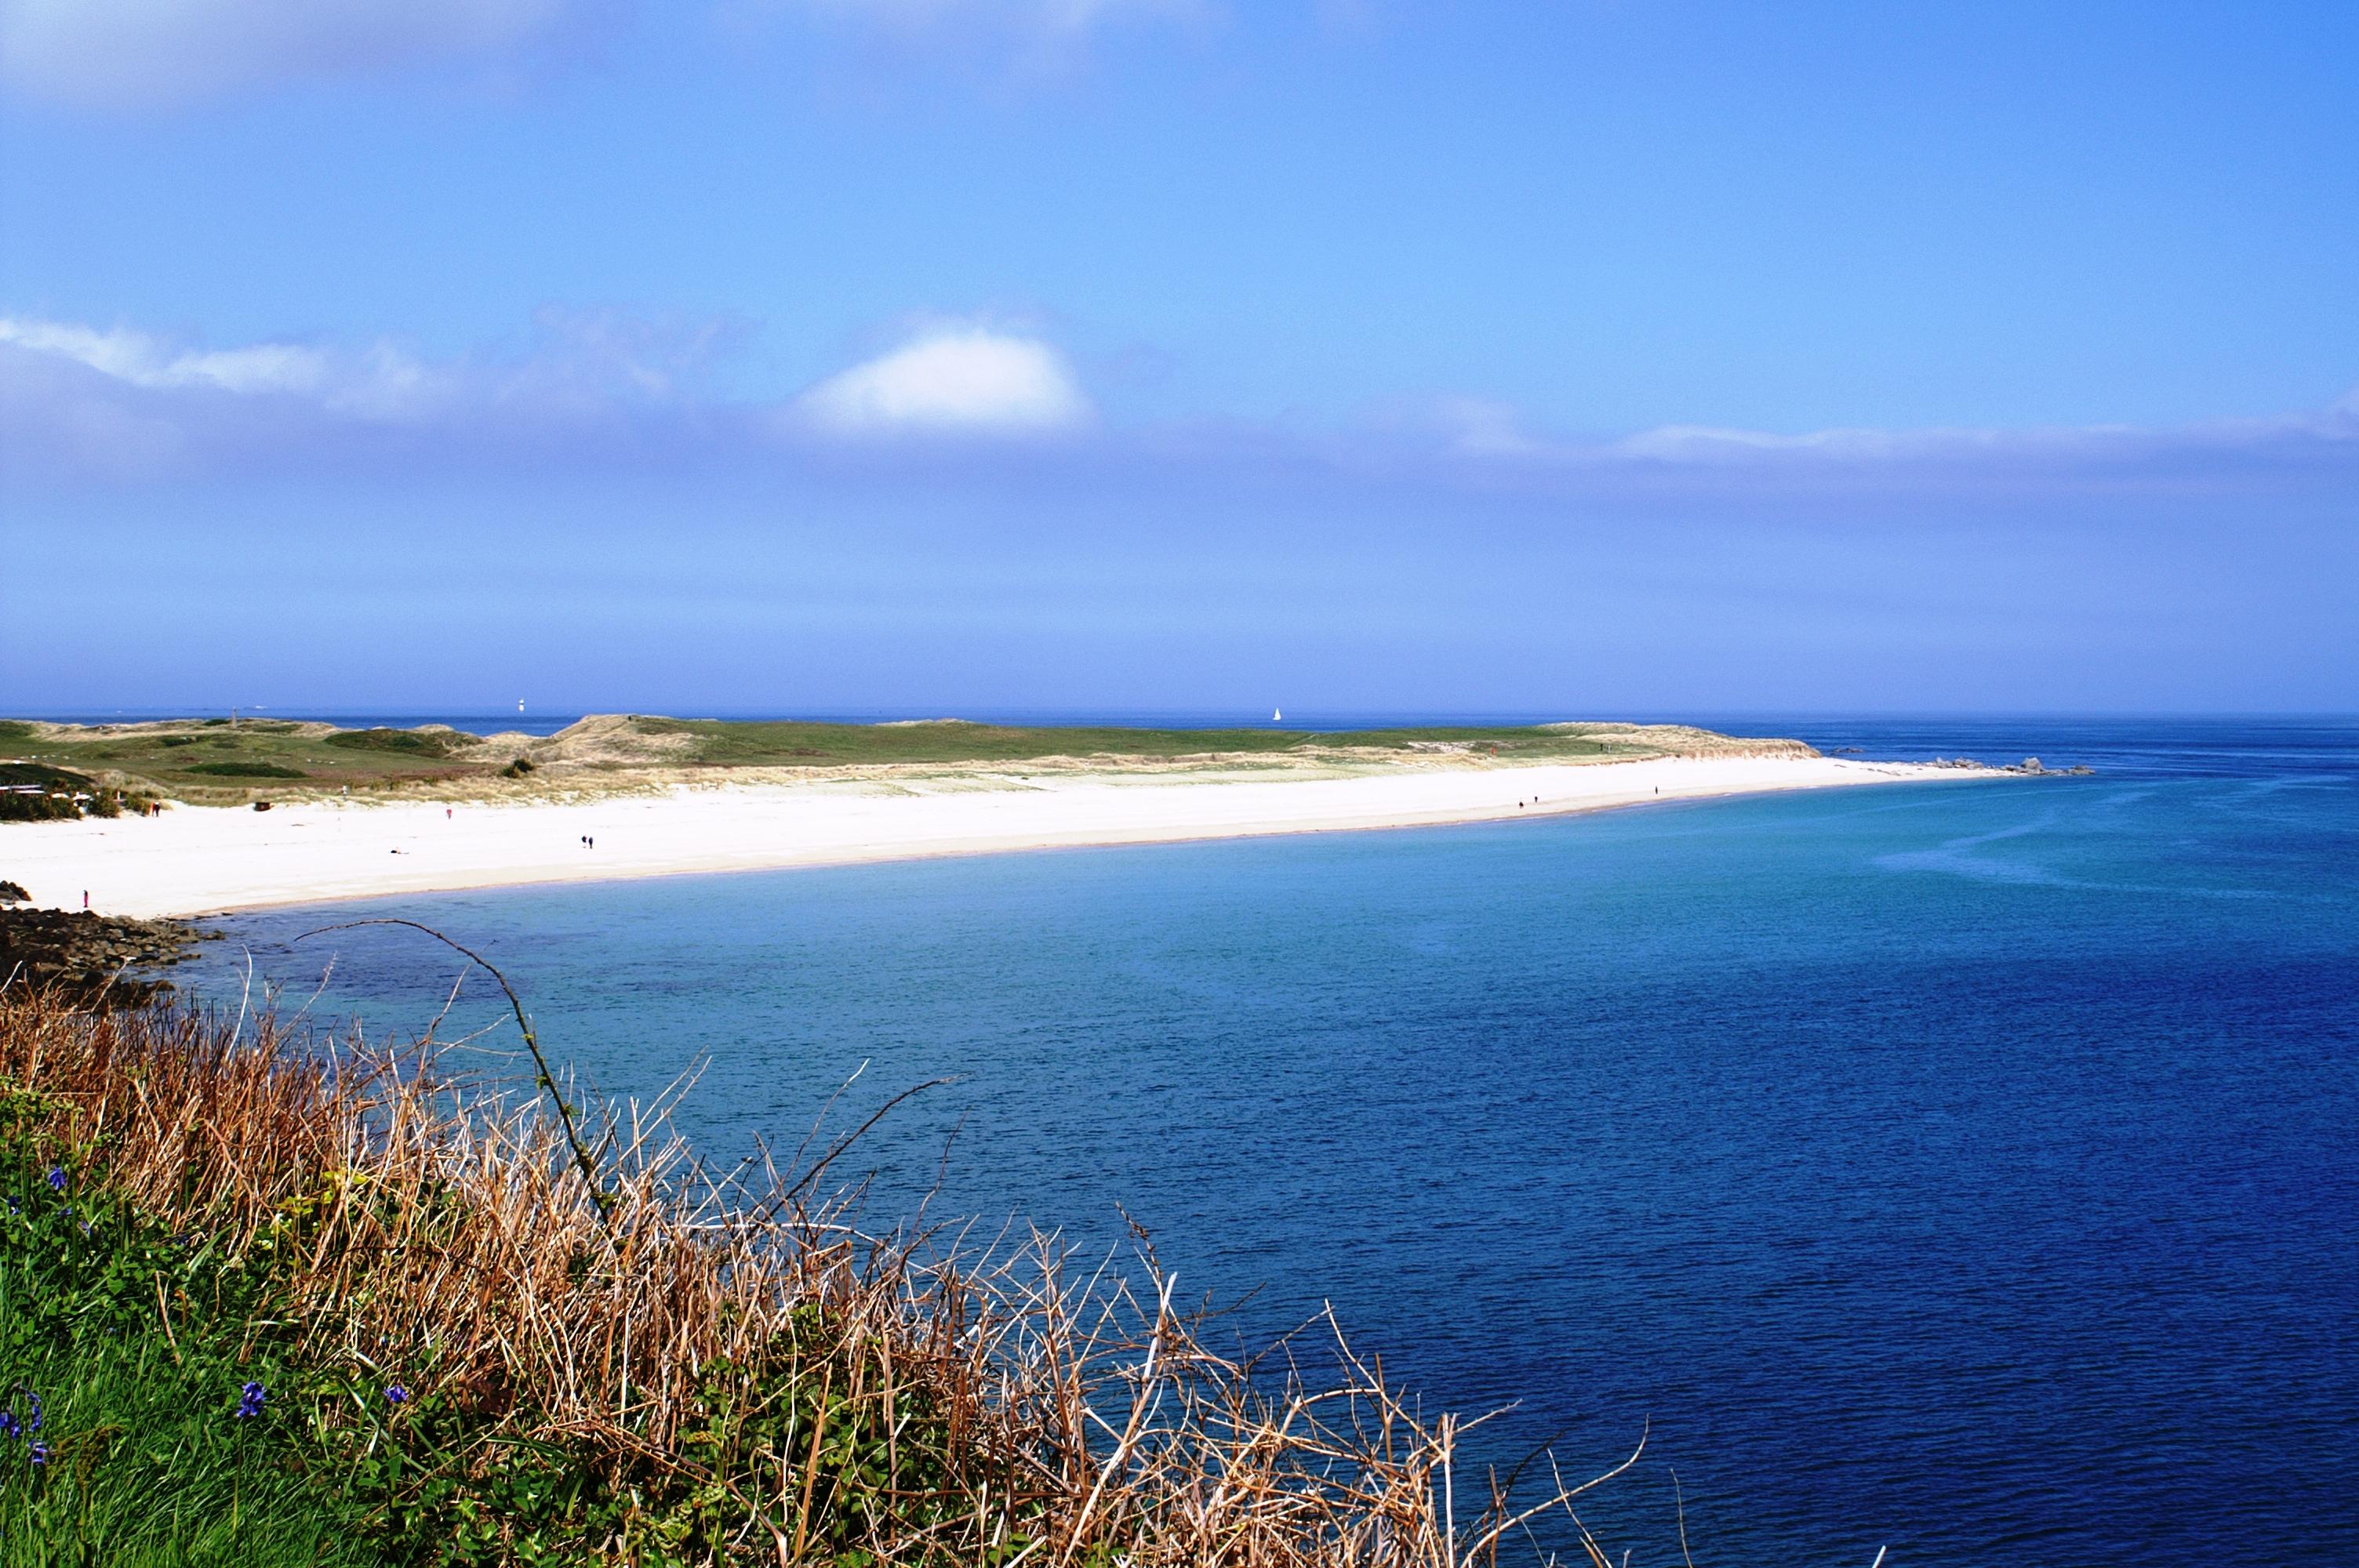 Huur een zeilboot en ontdek de verborgen stranden van zadar nautal